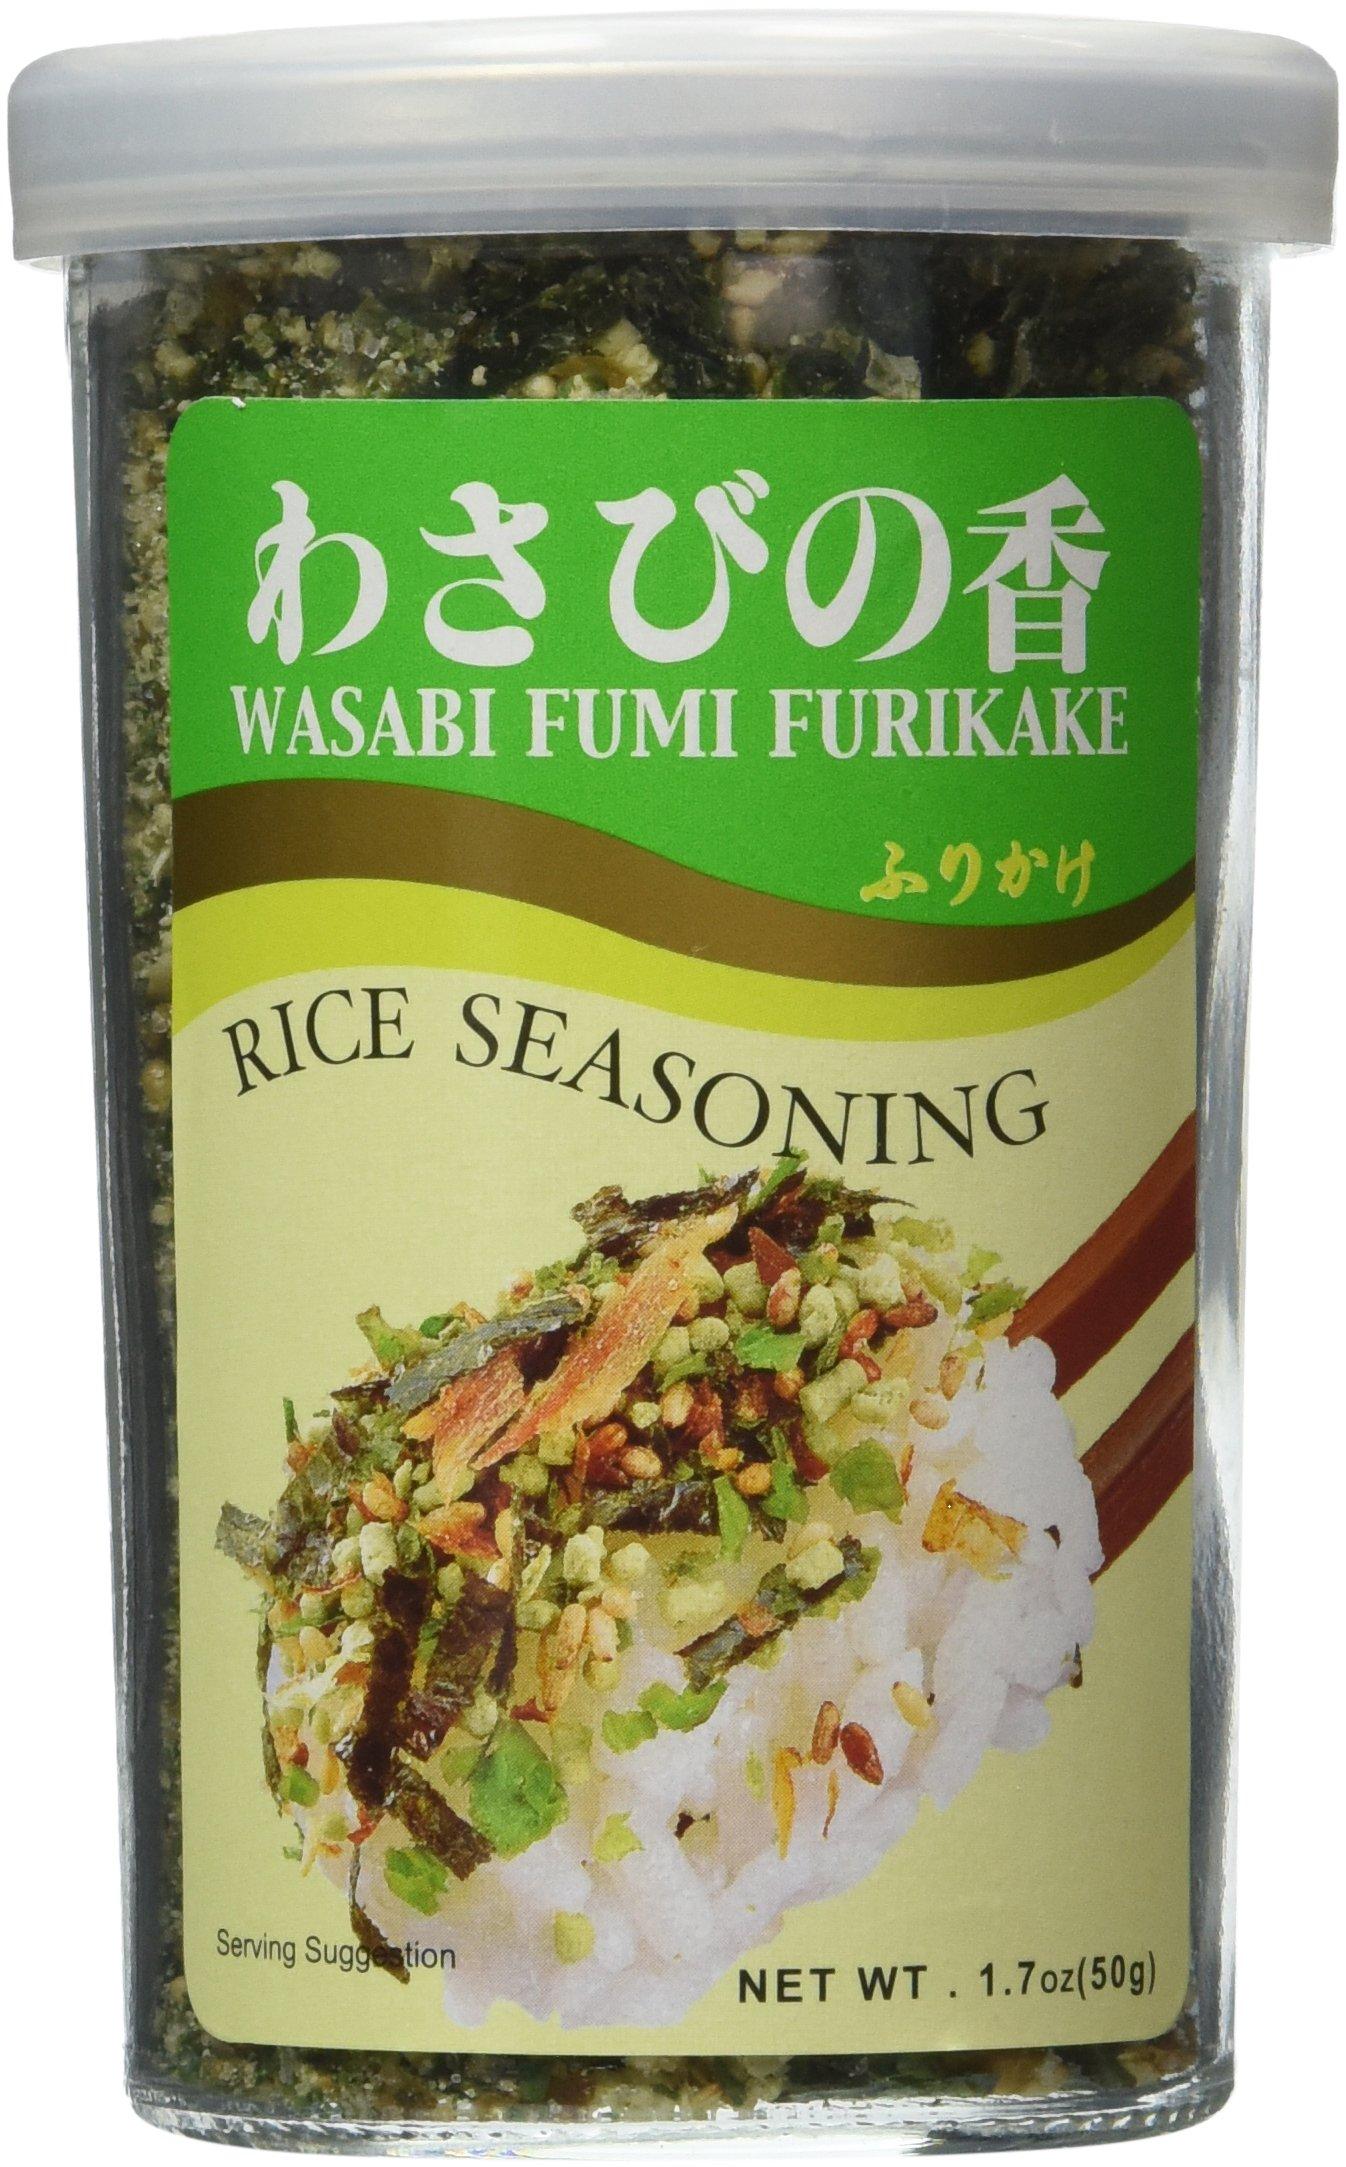 JFC - Wasabi Fumi Furikake (Rice Seasoning) 1.7 Oz. by JFC